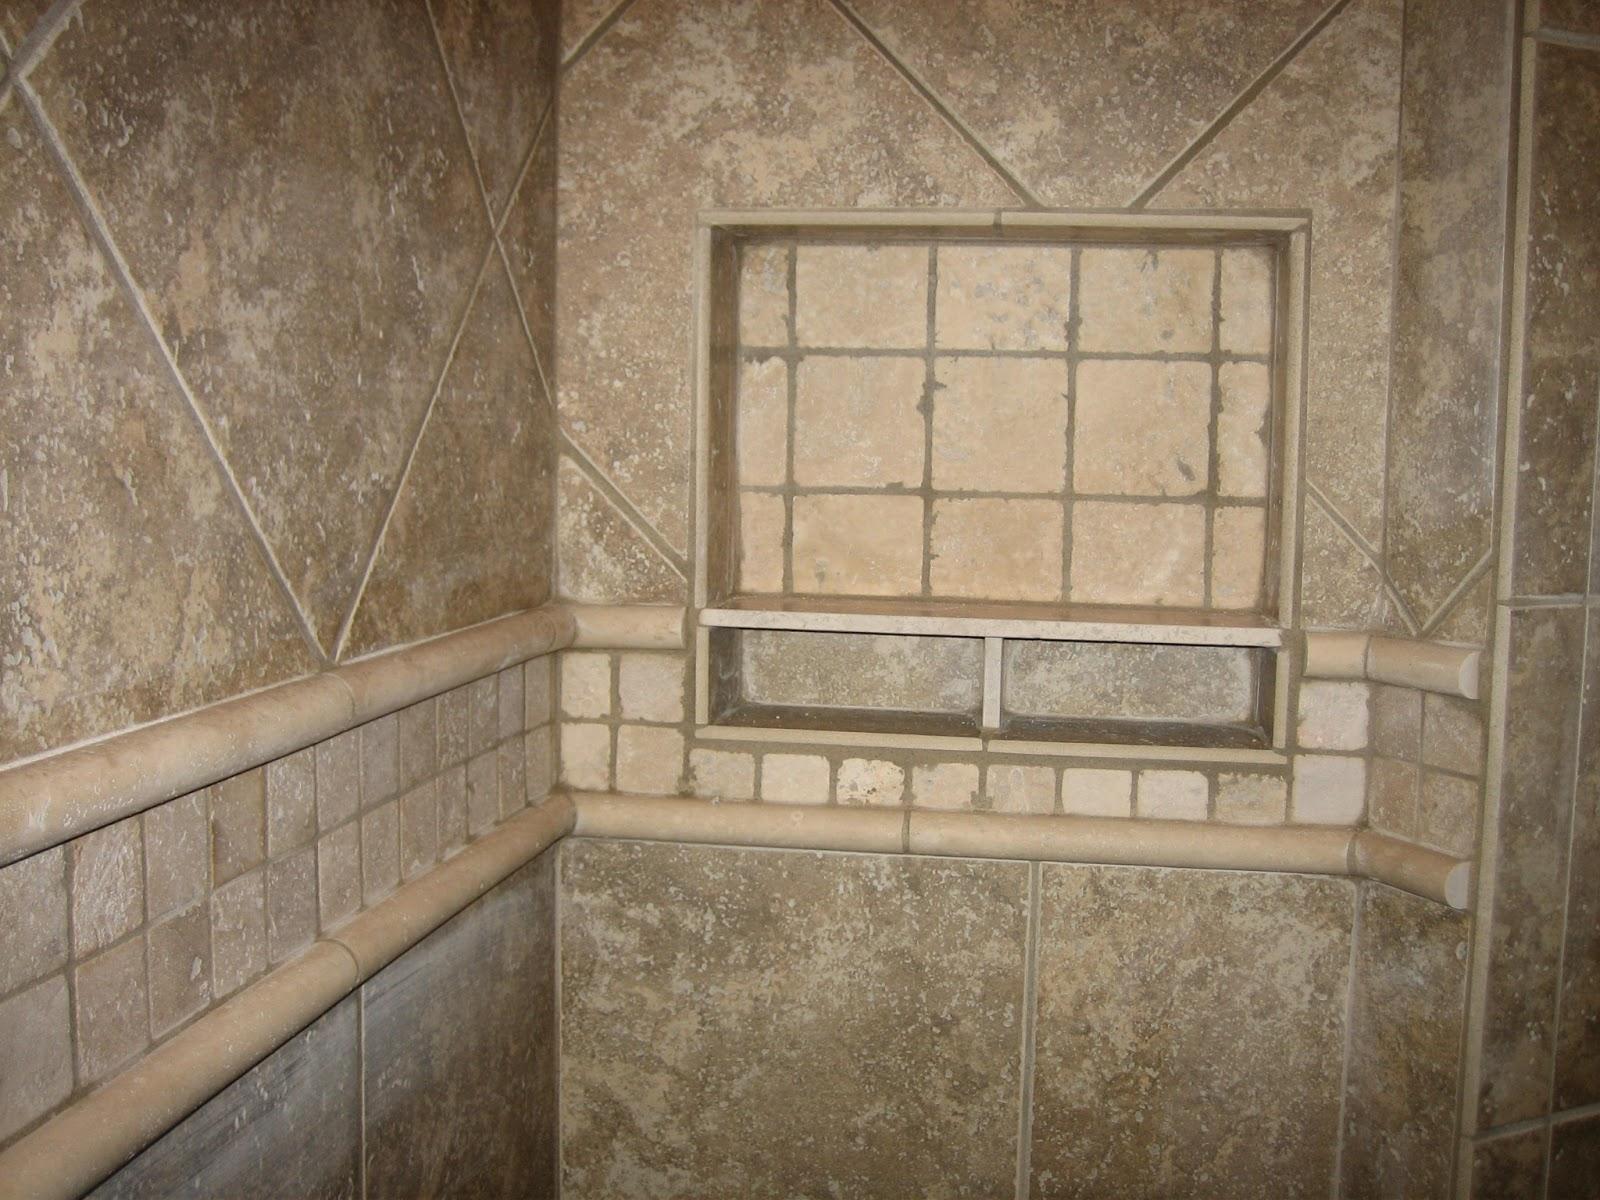 walk in shower tile design ideas tile design ideas tile walk - Tile Shower Design Ideas